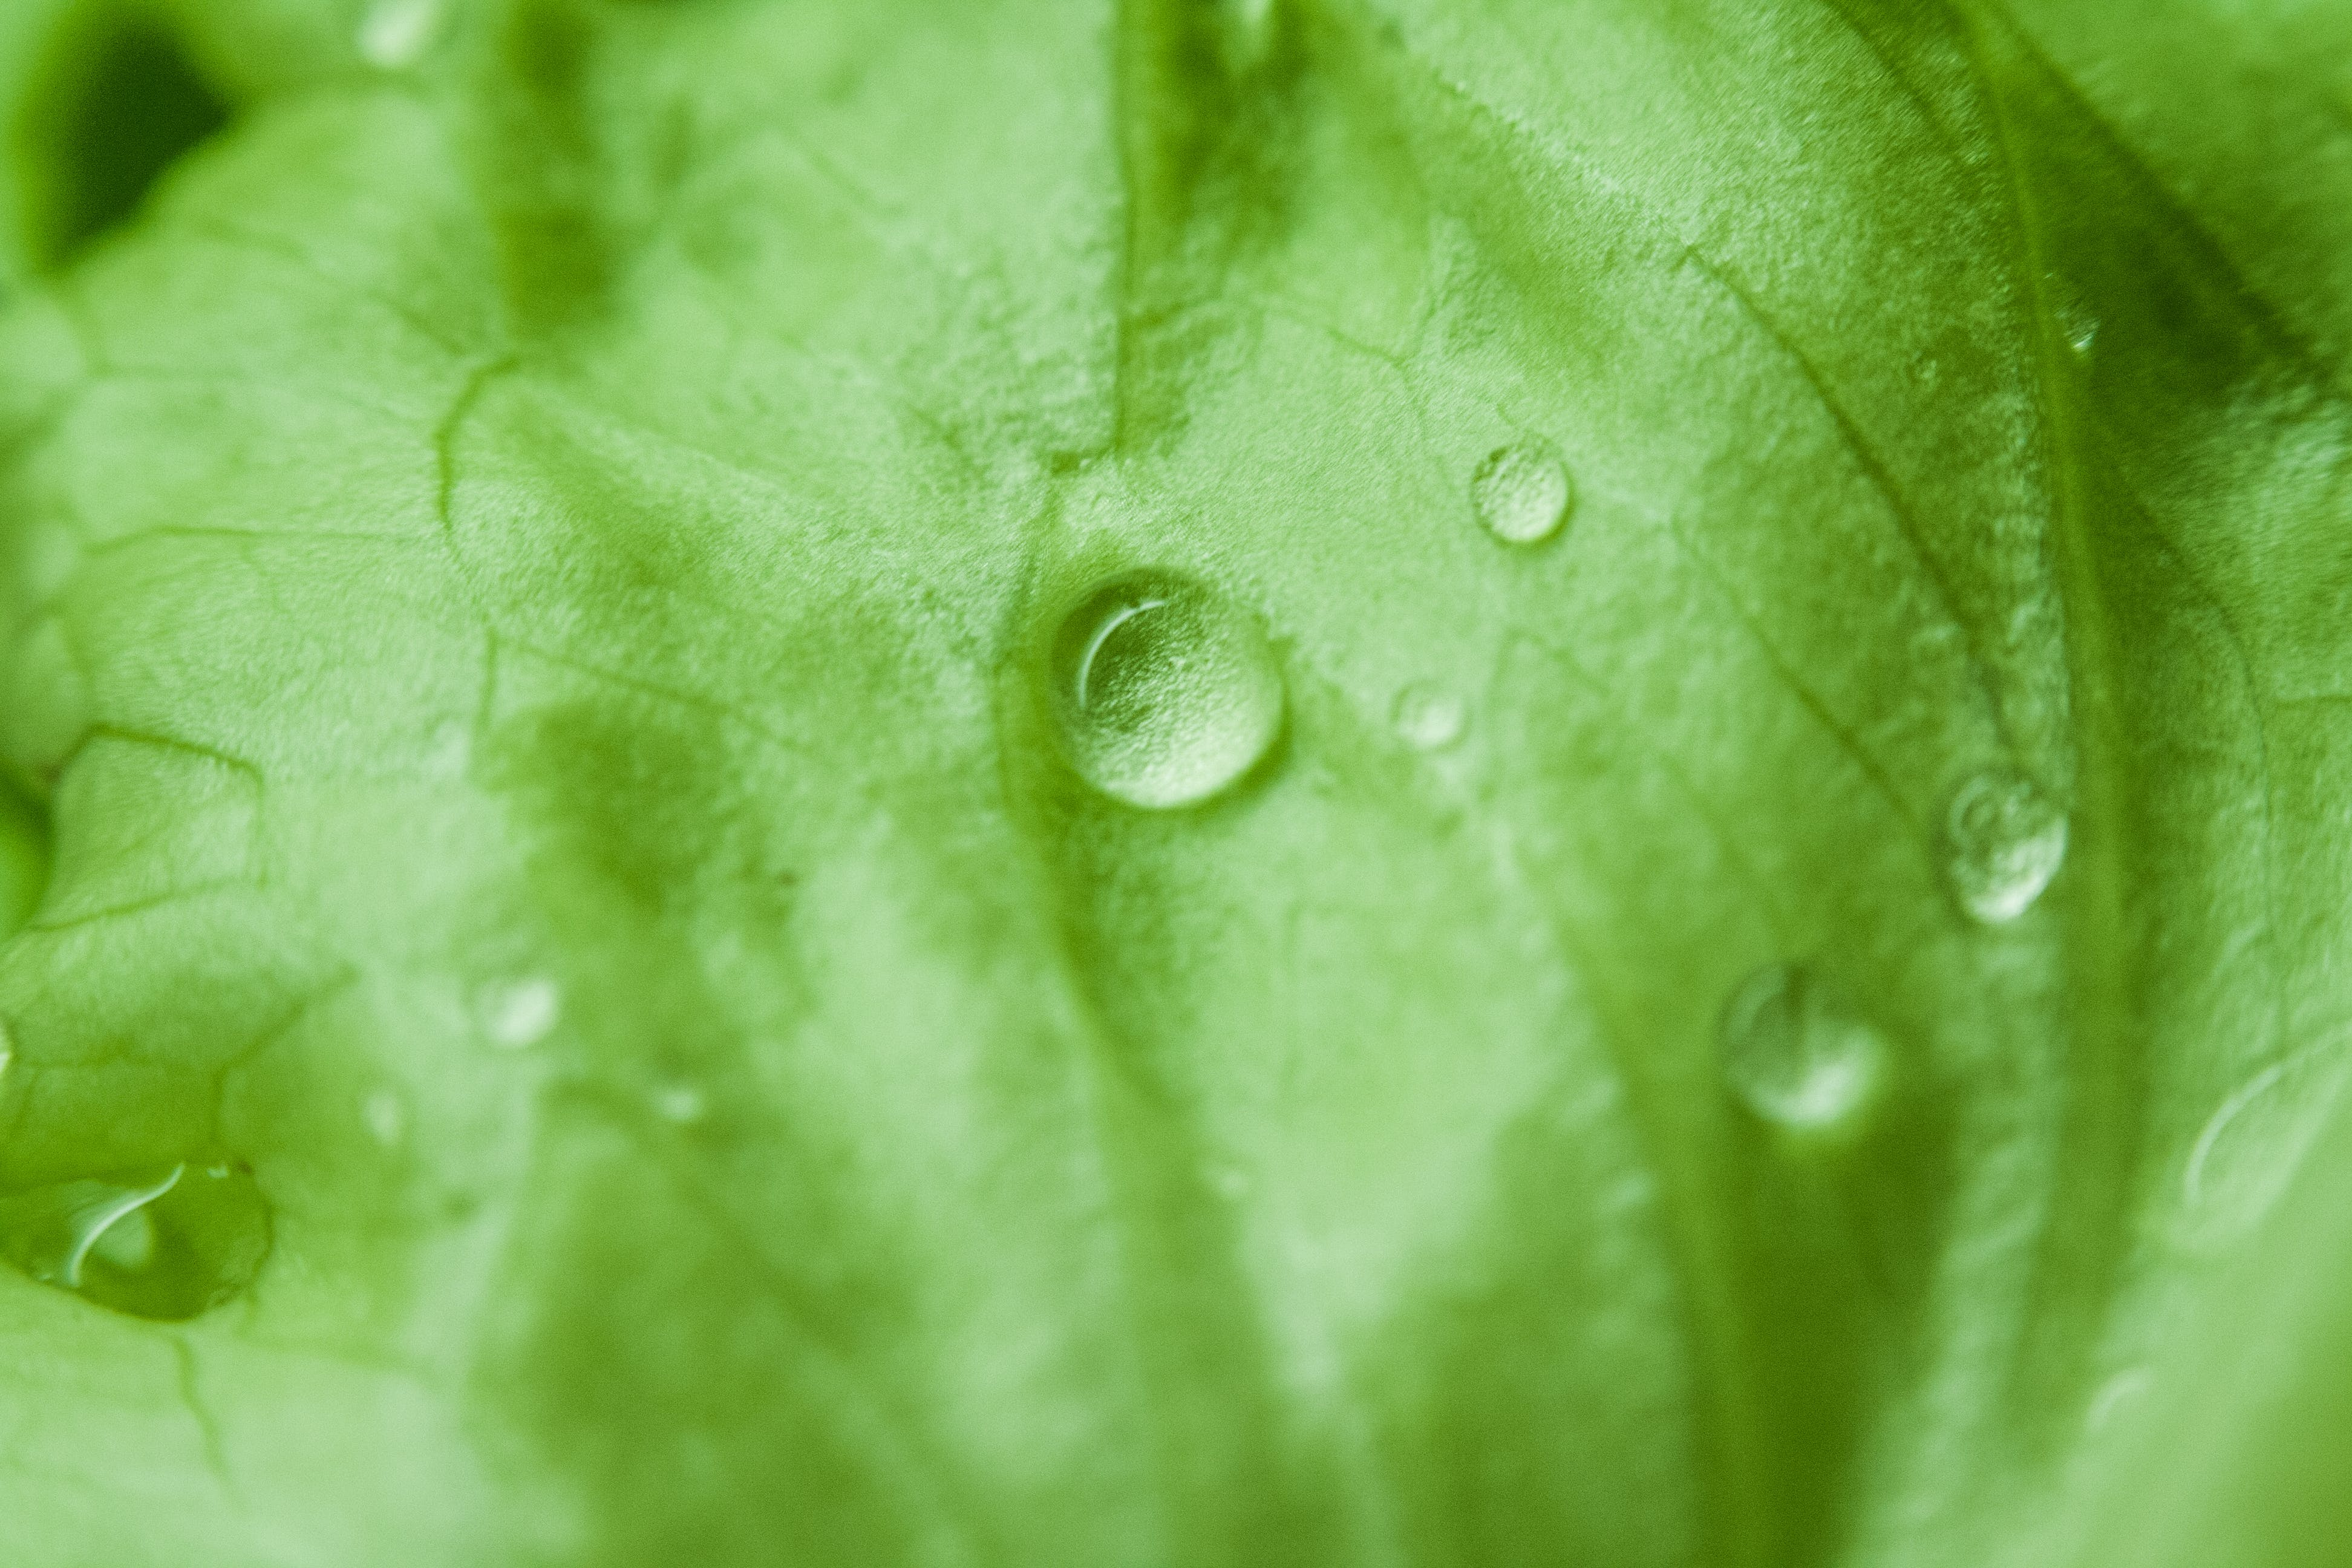 Δωρεάν στοκ φωτογραφιών με macro, βρεγμένος, δροσιά, δροσοσταλίδες